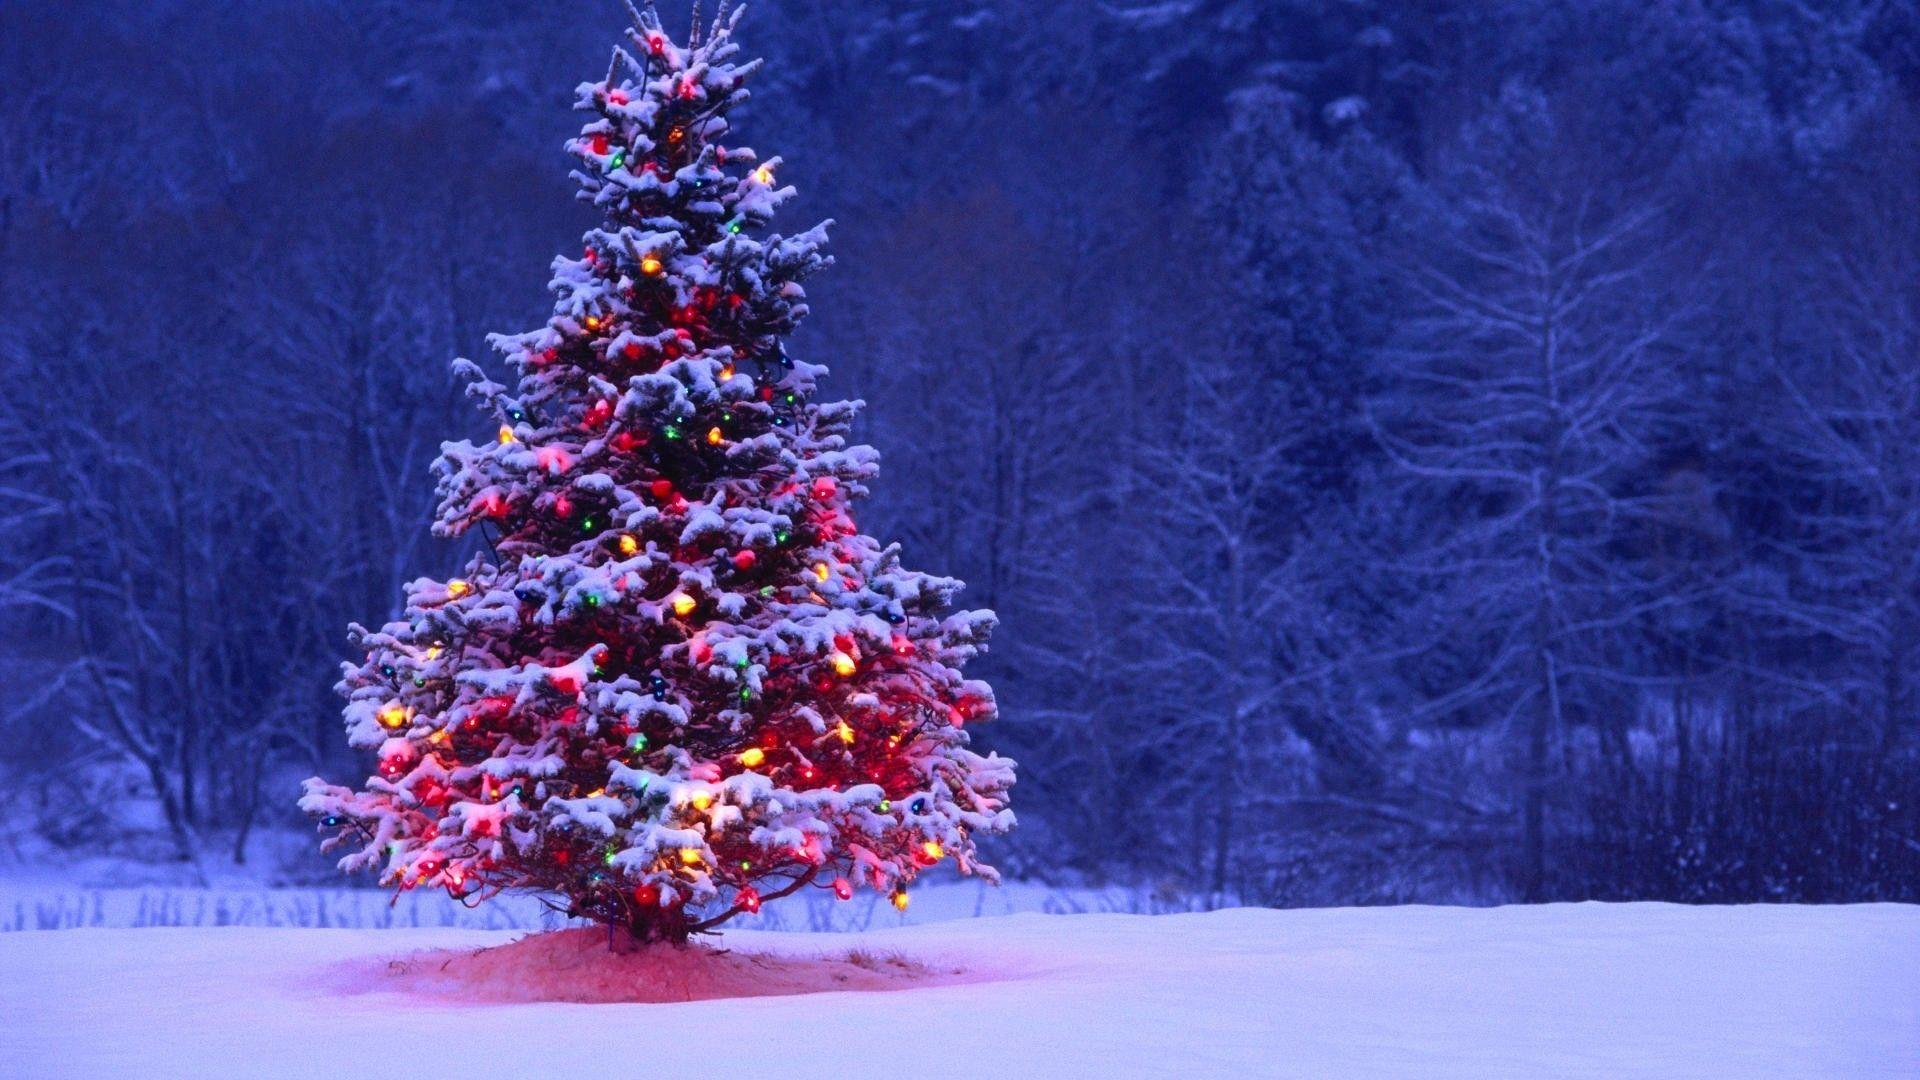 10 New Christmas Tree Wallpaper Backgrounds Desktop Full Hd 1080p For Pc Background Lumieres De Noel Exterieur Noel A L Exterieur Fond De Noel